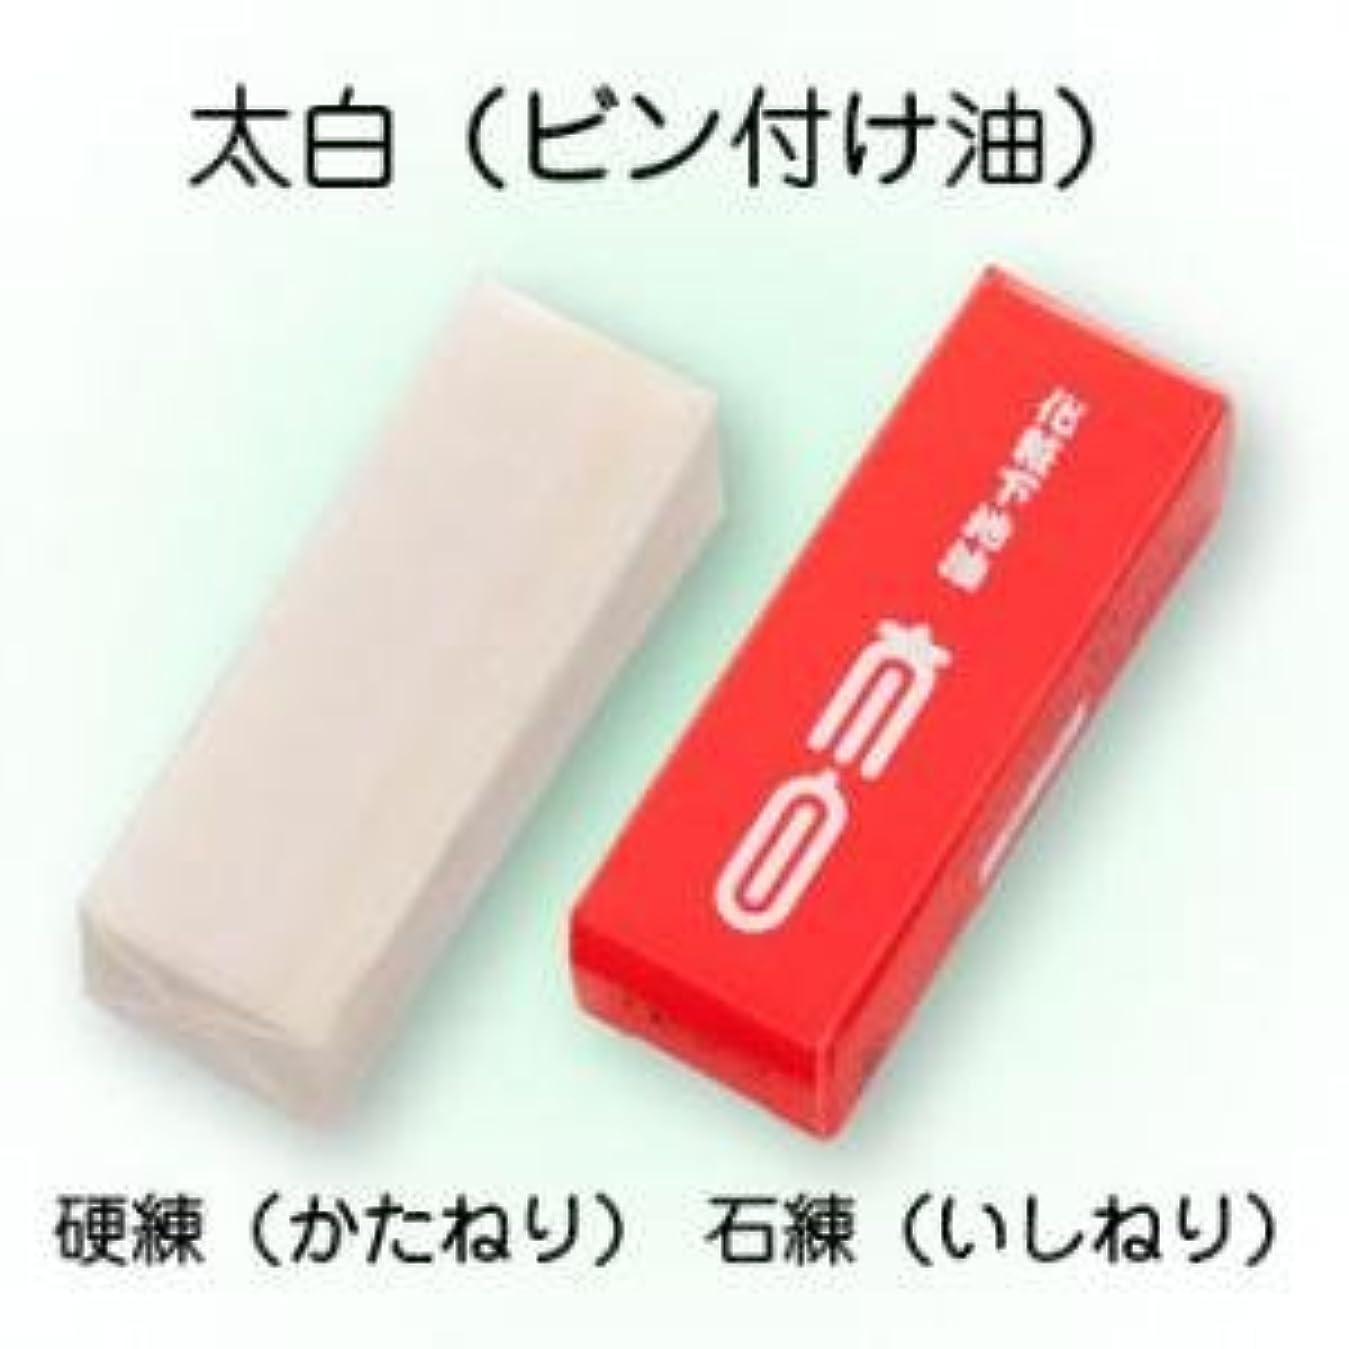 喪コスト疎外太白(たいはく)ビン付け油 40g (硬練)【三善】